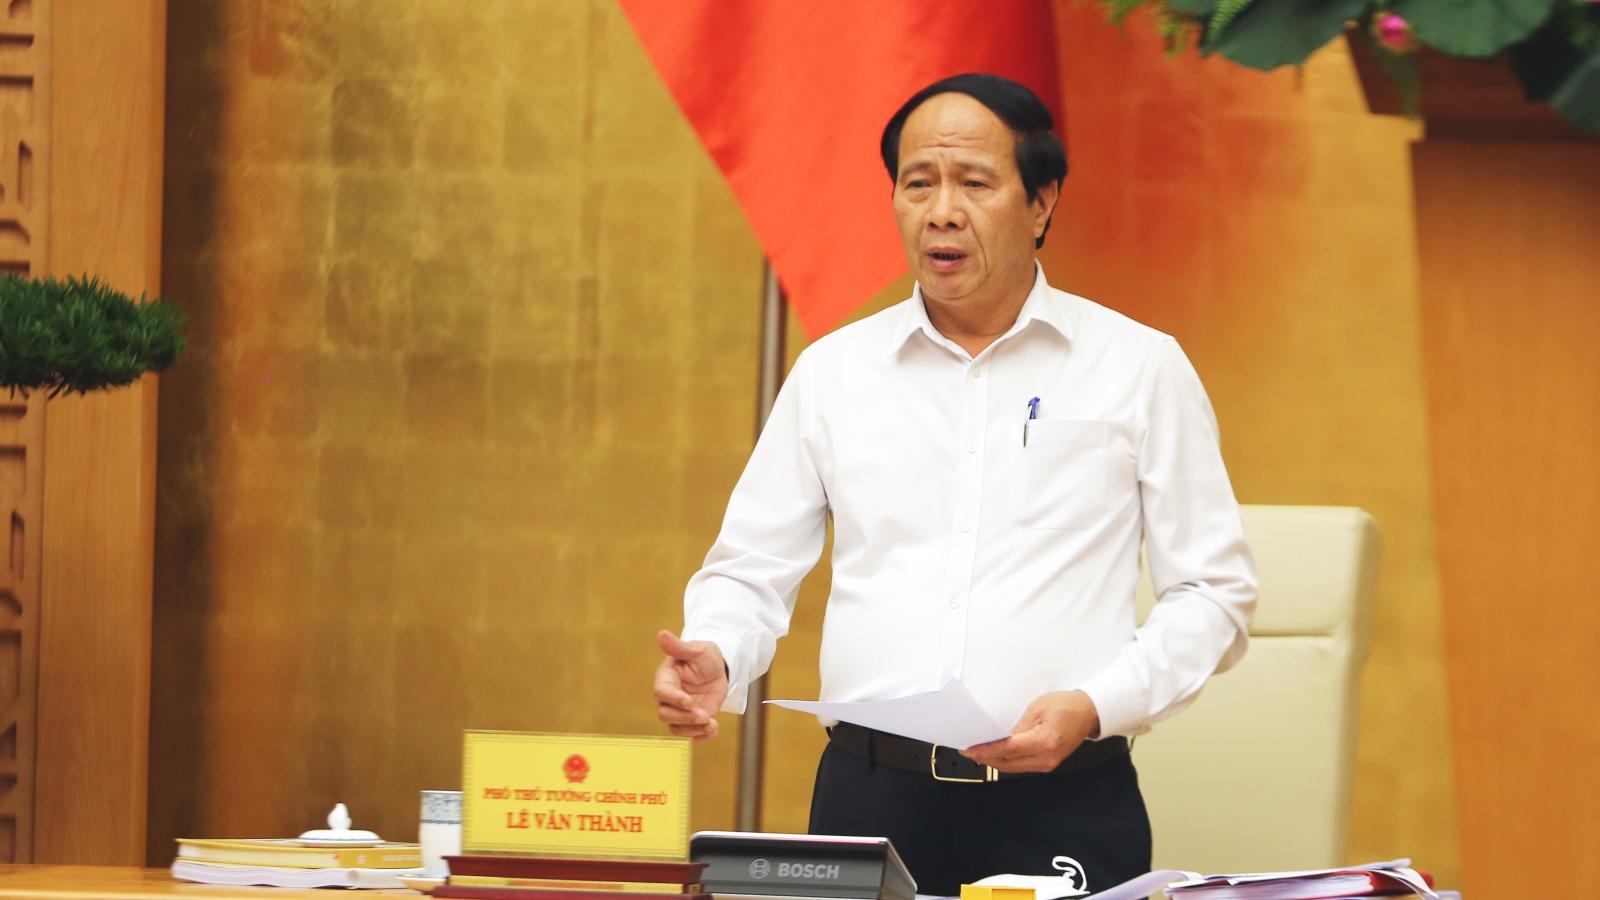 """Phó Thủ tướng Lê Văn Thành: """"Bảo vệ tính mạng người dân là thước đo phòng chống thiên tai"""""""